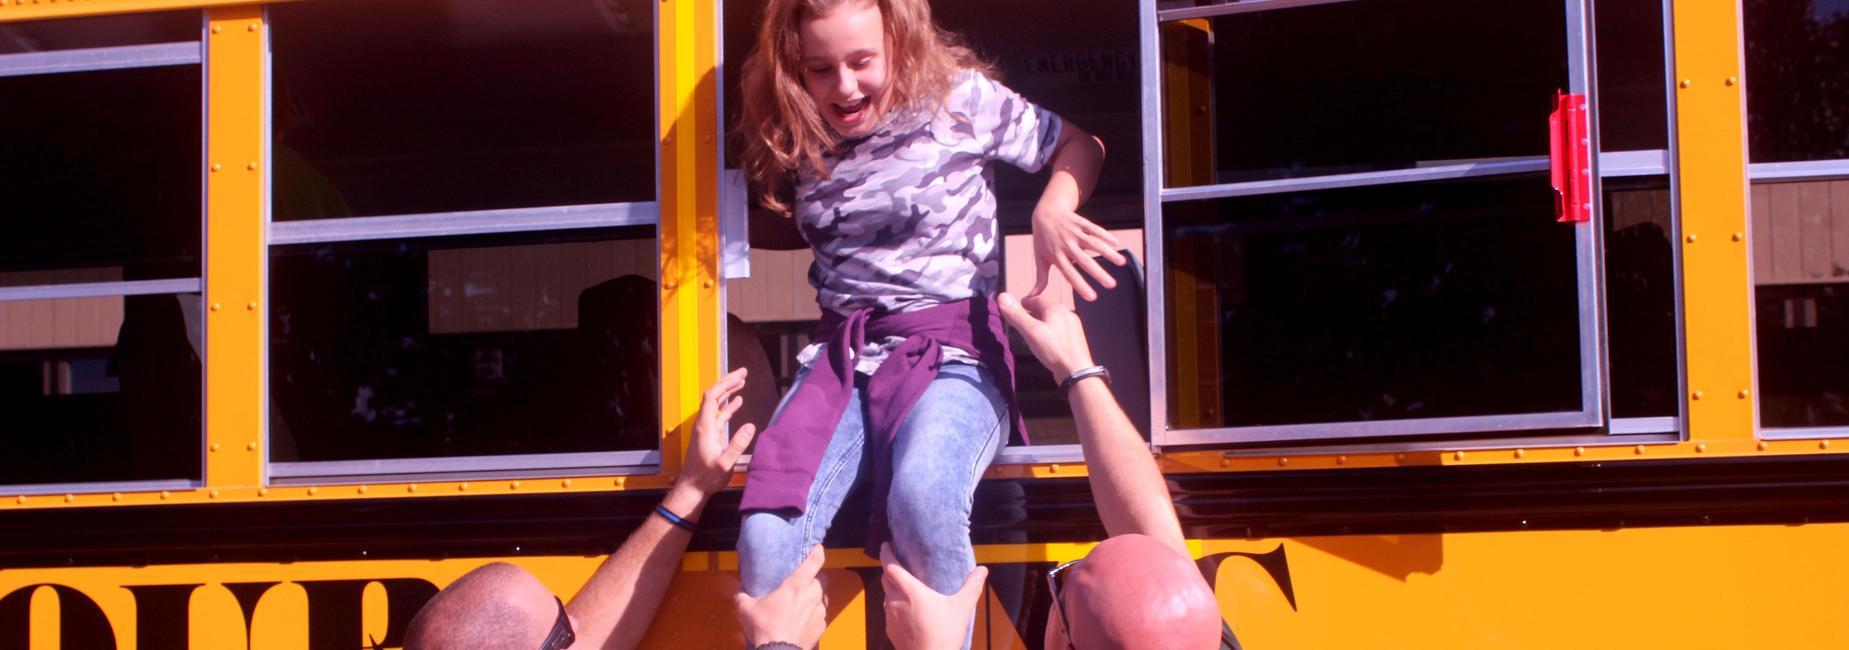 kid on bus